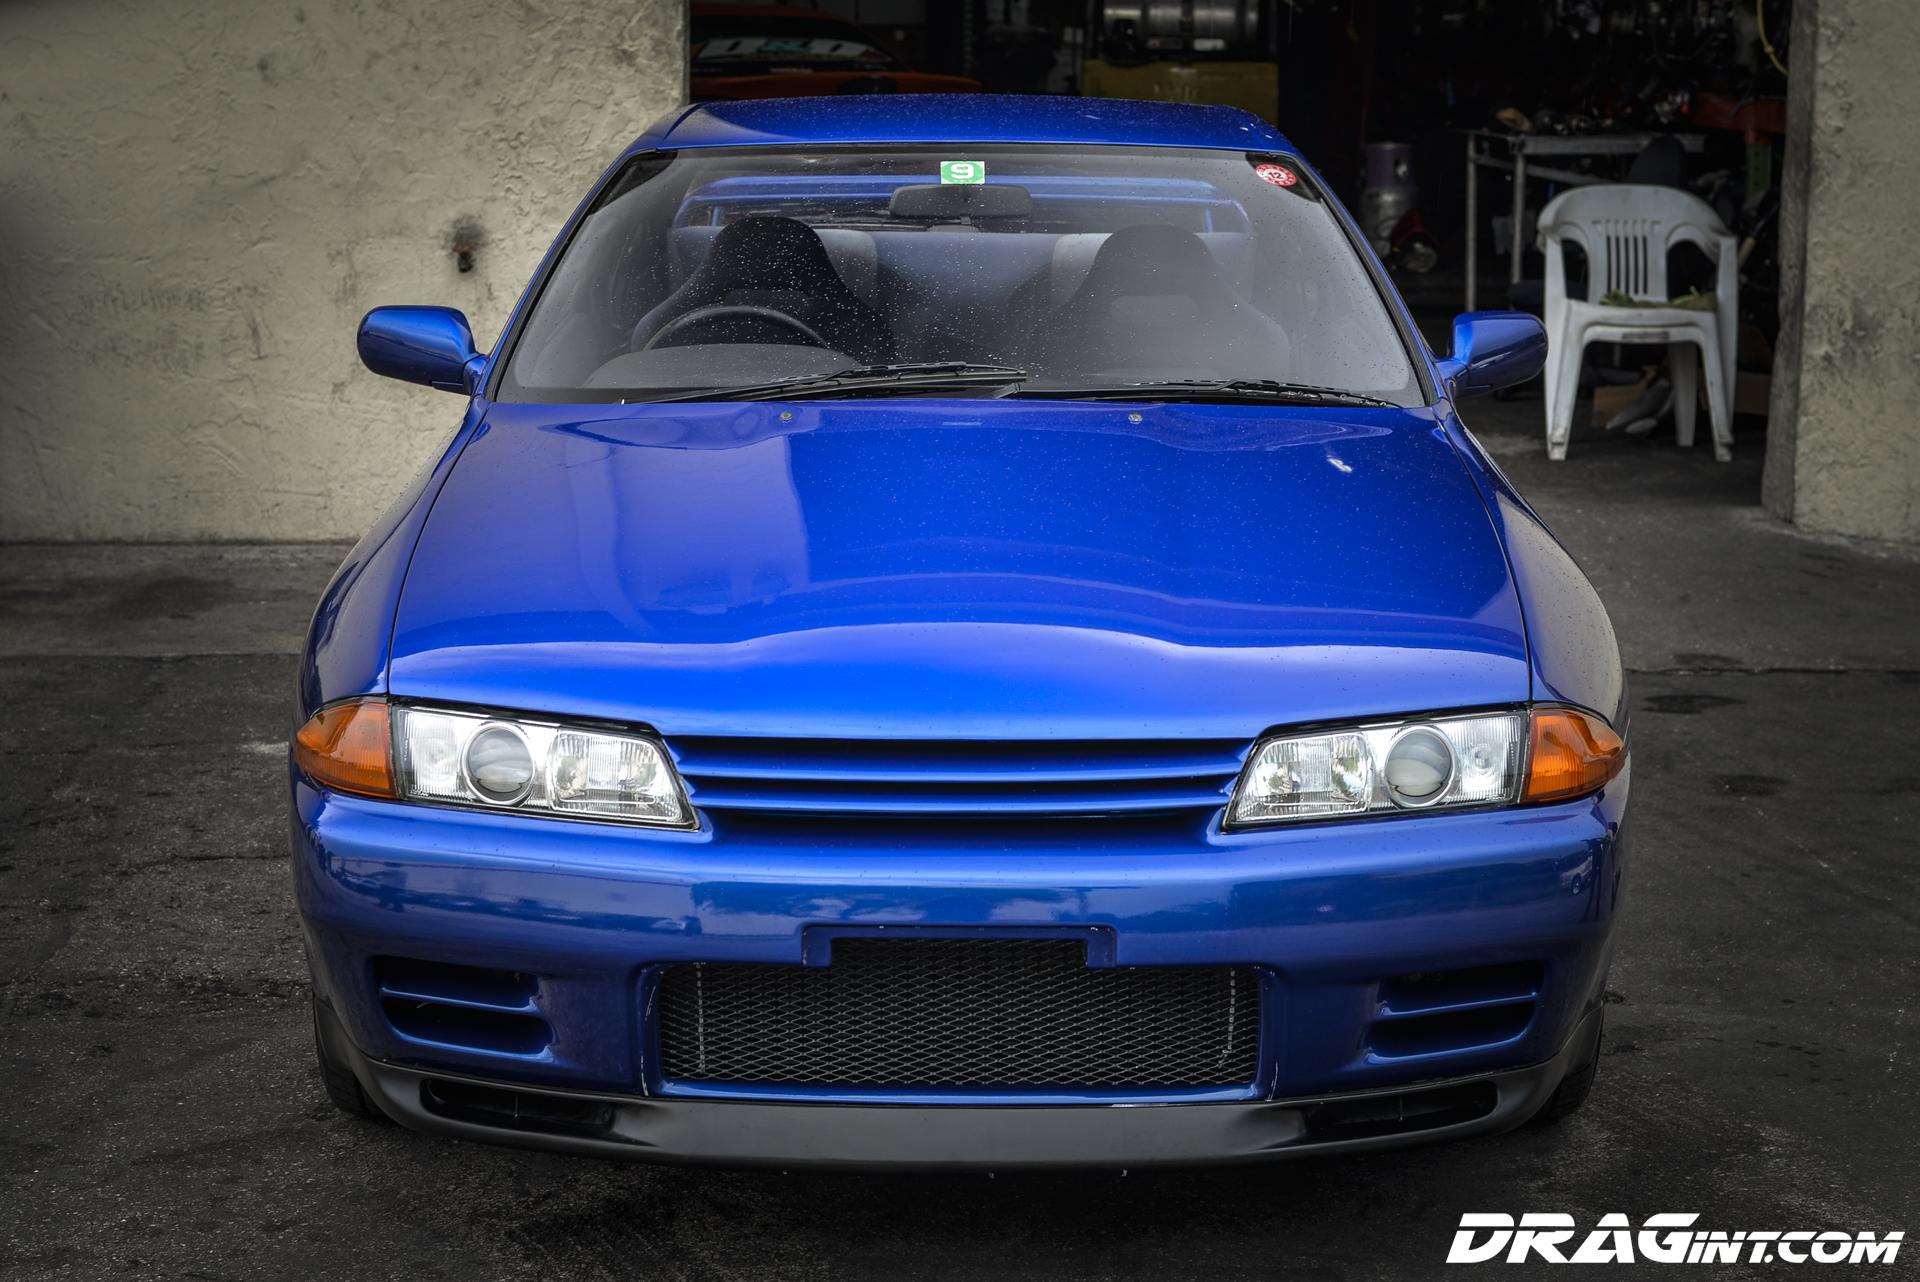 JDM Import : R32 Skyline GTR in Best Blue Ever! | DRAG ...